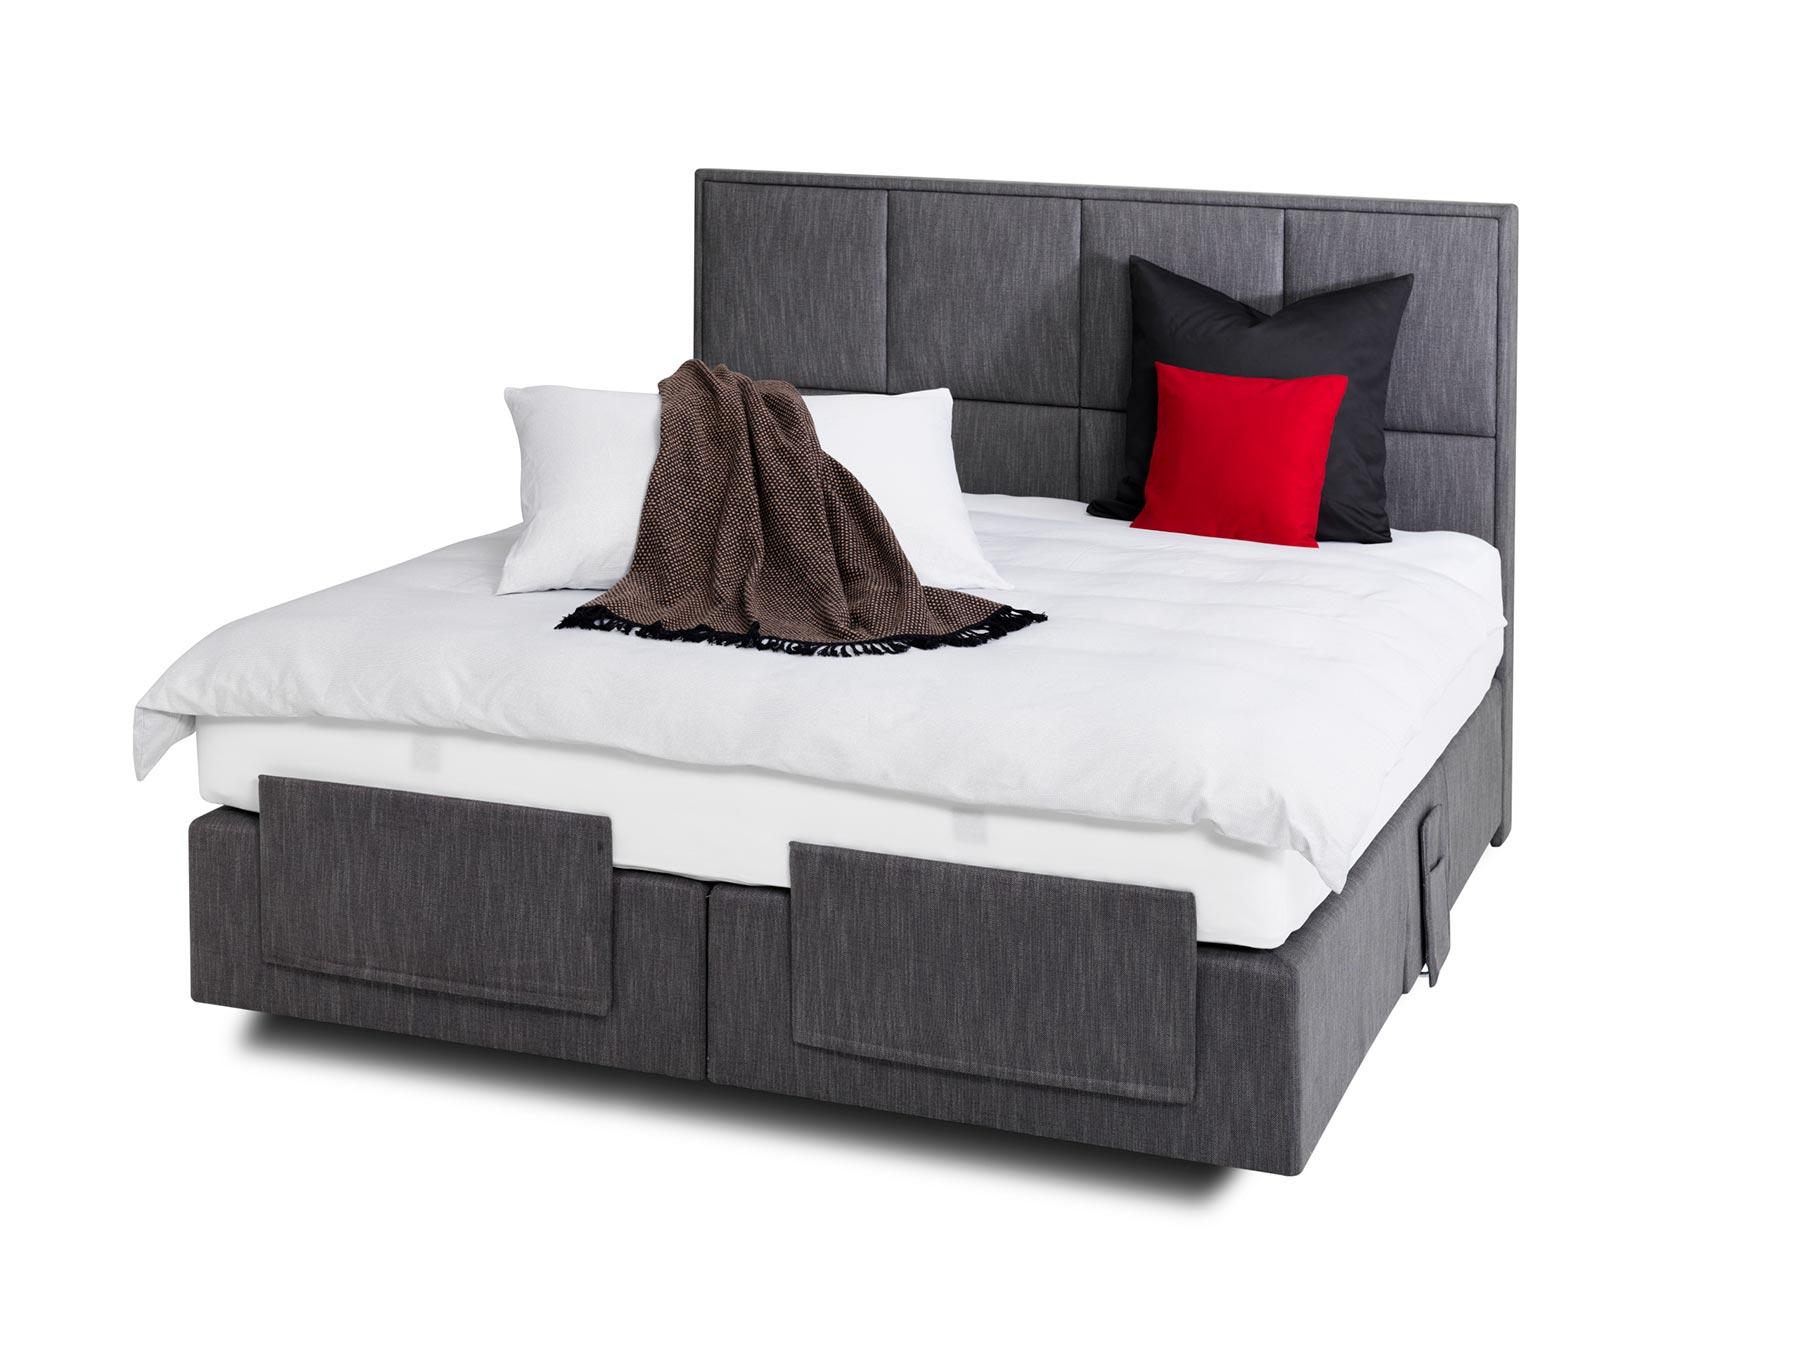 amerikanische schlafzimmer einrichtung bettw sche goldfarben ikea ideen f r kleine schlafzimmer. Black Bedroom Furniture Sets. Home Design Ideas